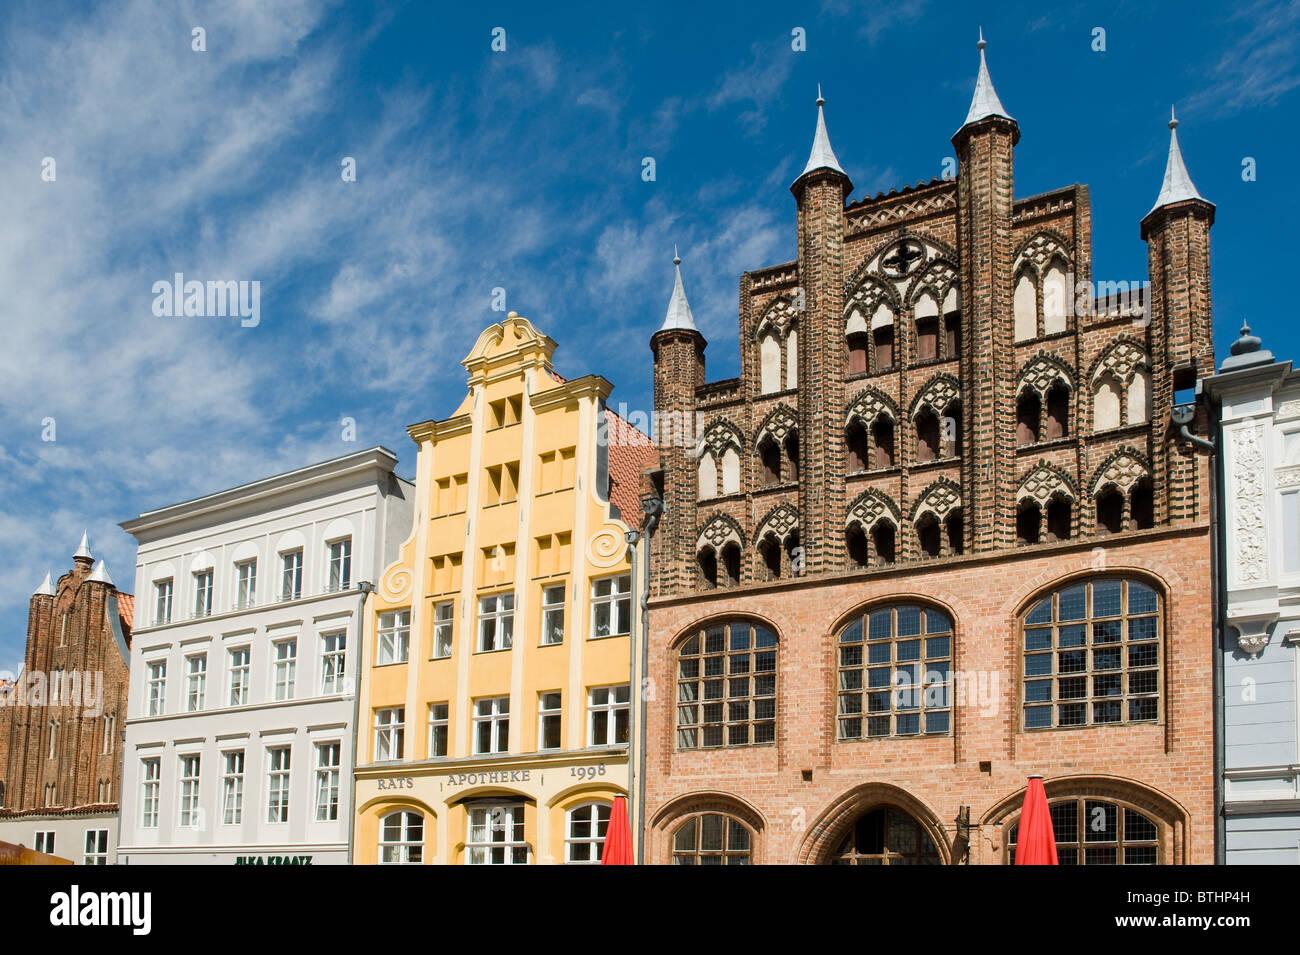 hanseatischen h user am alten markt in stralsund deutschland stockfoto bild 32352673 alamy. Black Bedroom Furniture Sets. Home Design Ideas